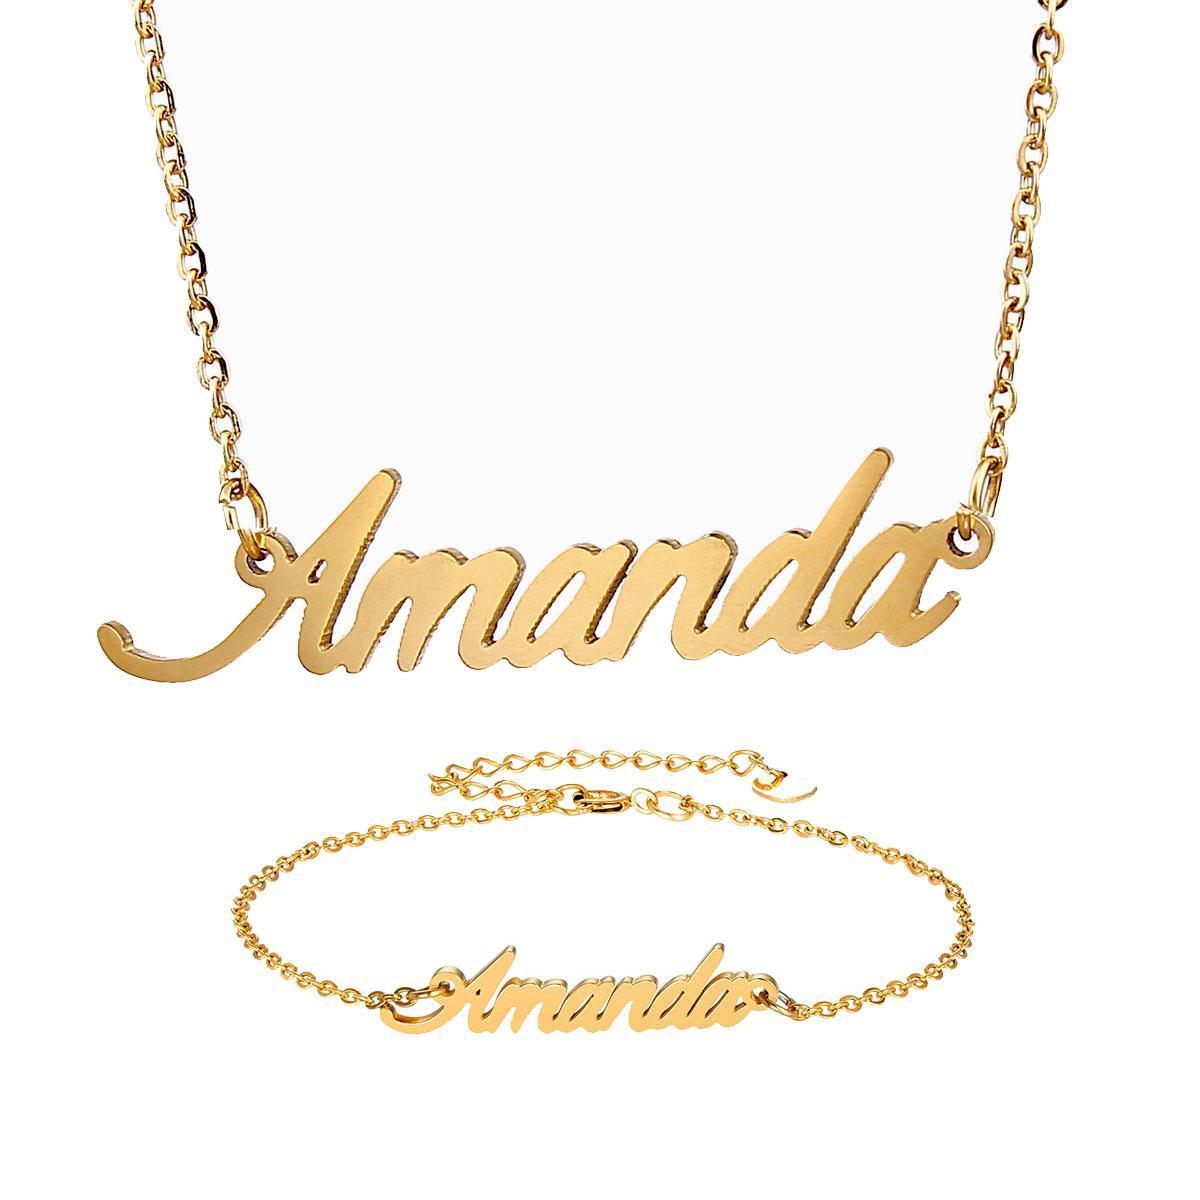 أزياء الفولاذ المقاوم للصدأ اسم قلادة + سوار مجموعة للنساء أماندا النصي رسالة الذهب المختنق سلسلة قلادة قلادة لوحة هدية